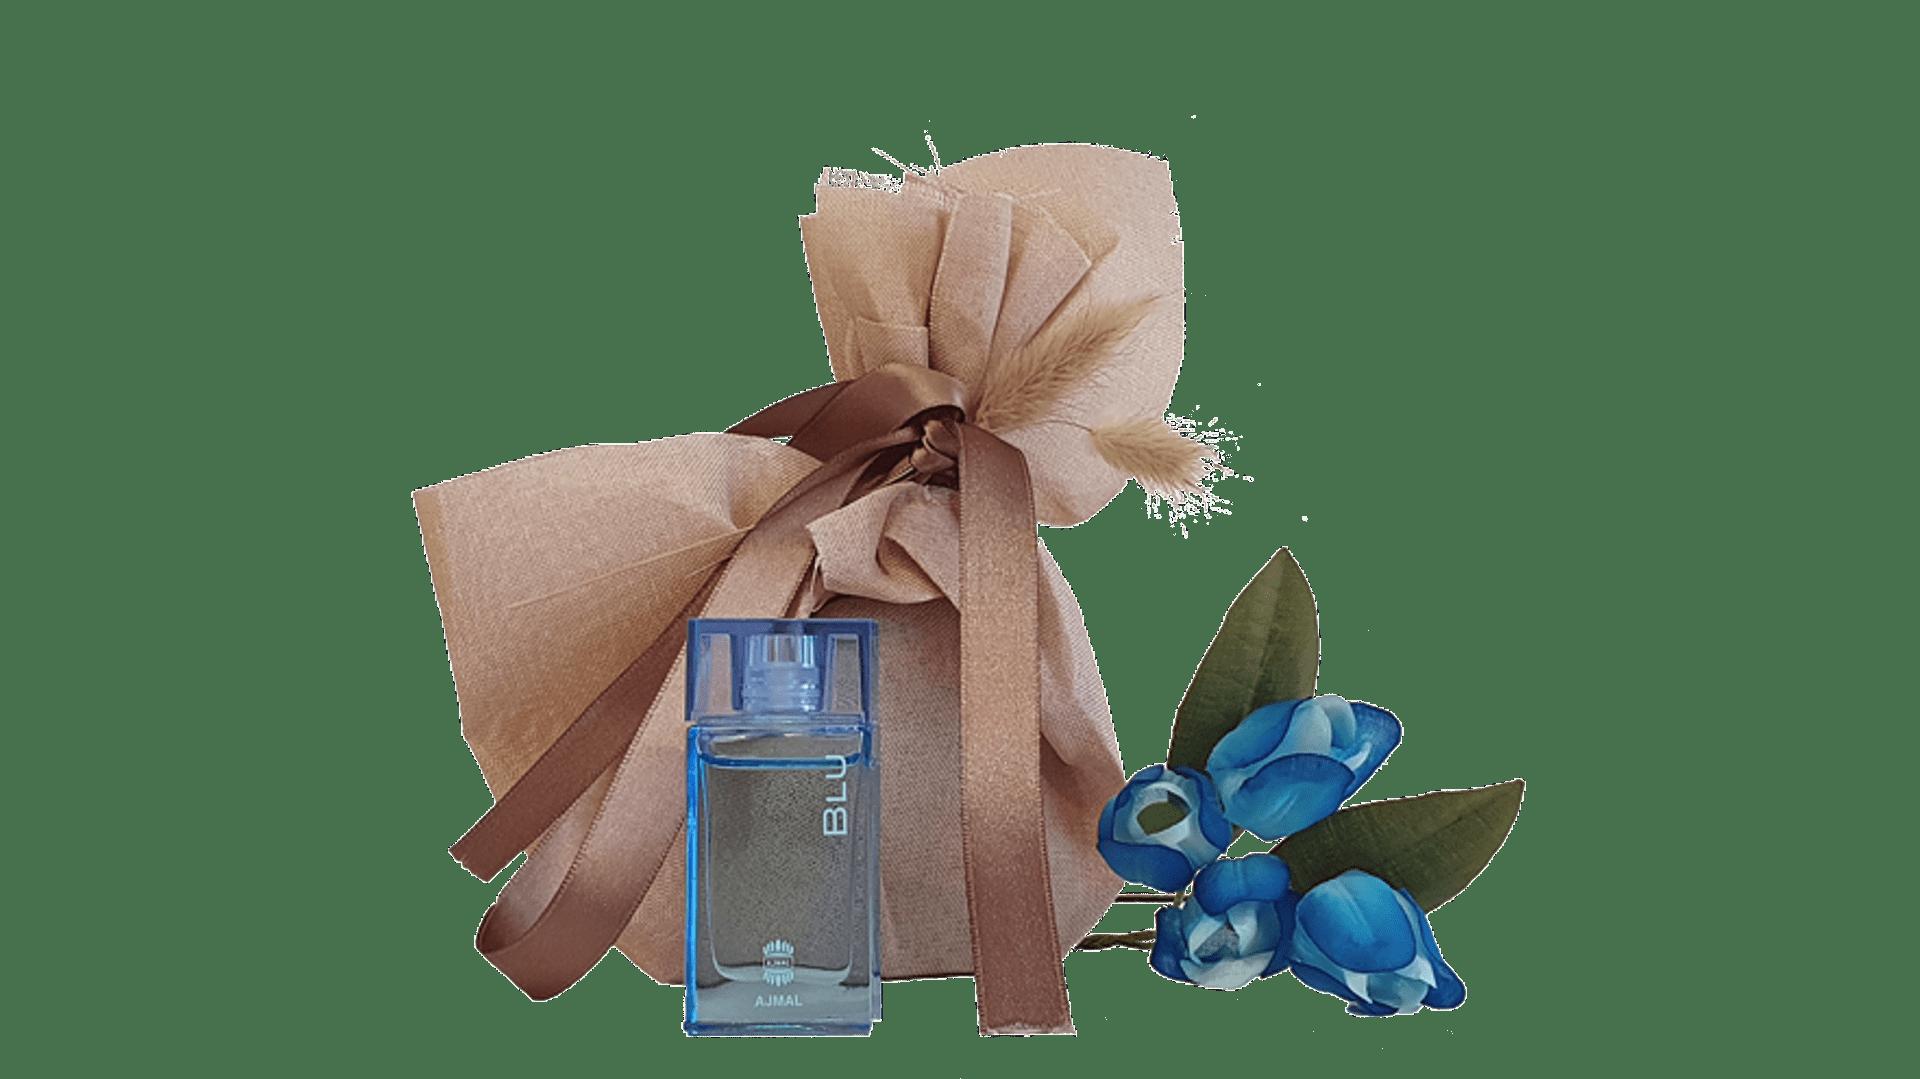 Acquista i brand esclusivi di Abadi swiss, i profumi dall'oriente per lei e per lui. Cofanetti regali e profumi per la casa